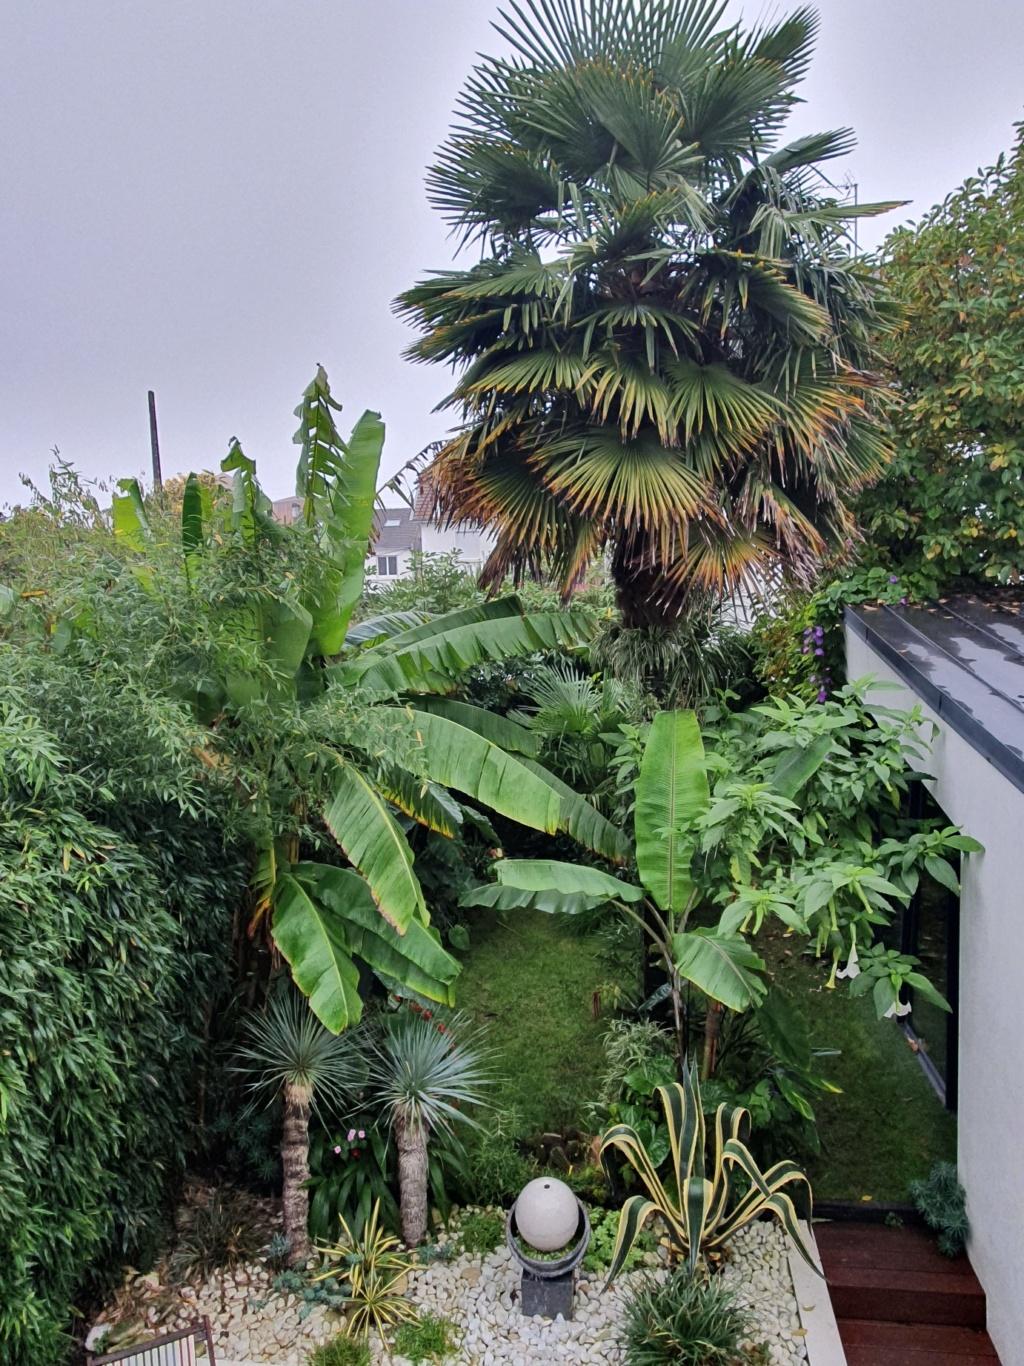 Rémi - Mon (tout) petit jardin en mode tropical - Page 16 20191376